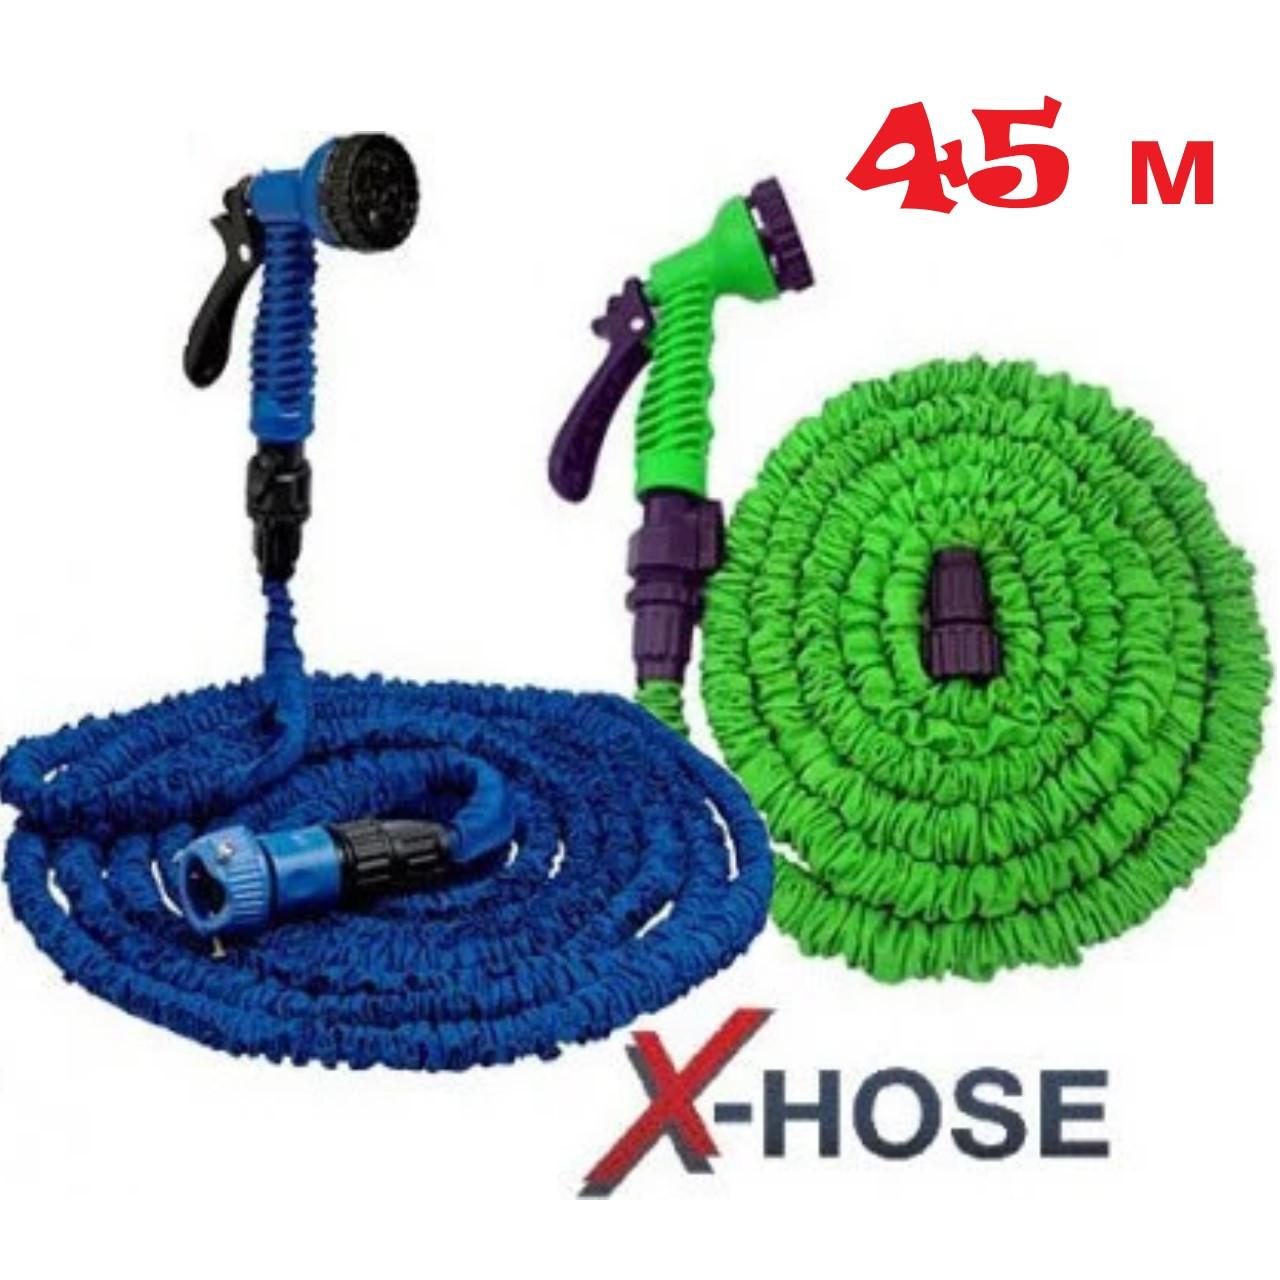 Растяжной чудо шланг для полива с распылителем X-hose 45 метров (150 fut) (Реплика)